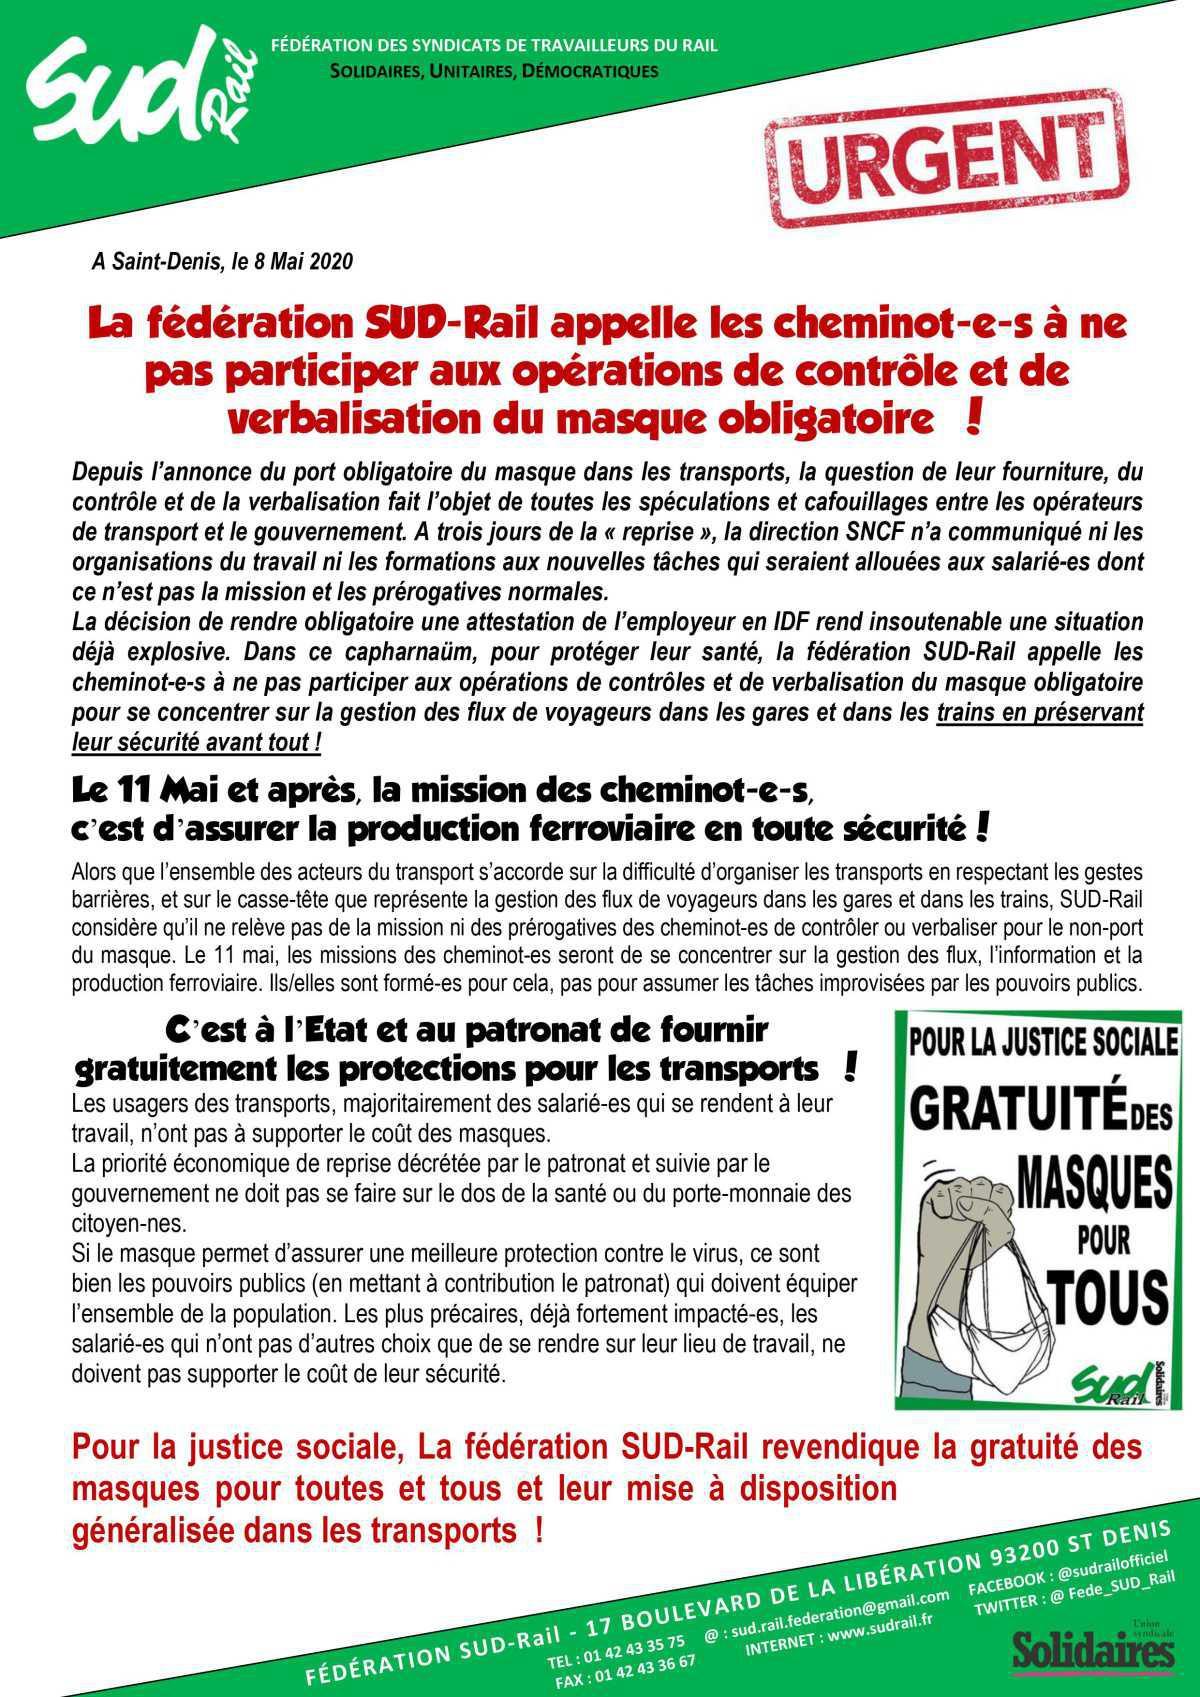 La fédération SUD Rail appelle les cheminot(es) à ne pas participer aux opérations de contrôle et de verbalisation du masque obligatoire !